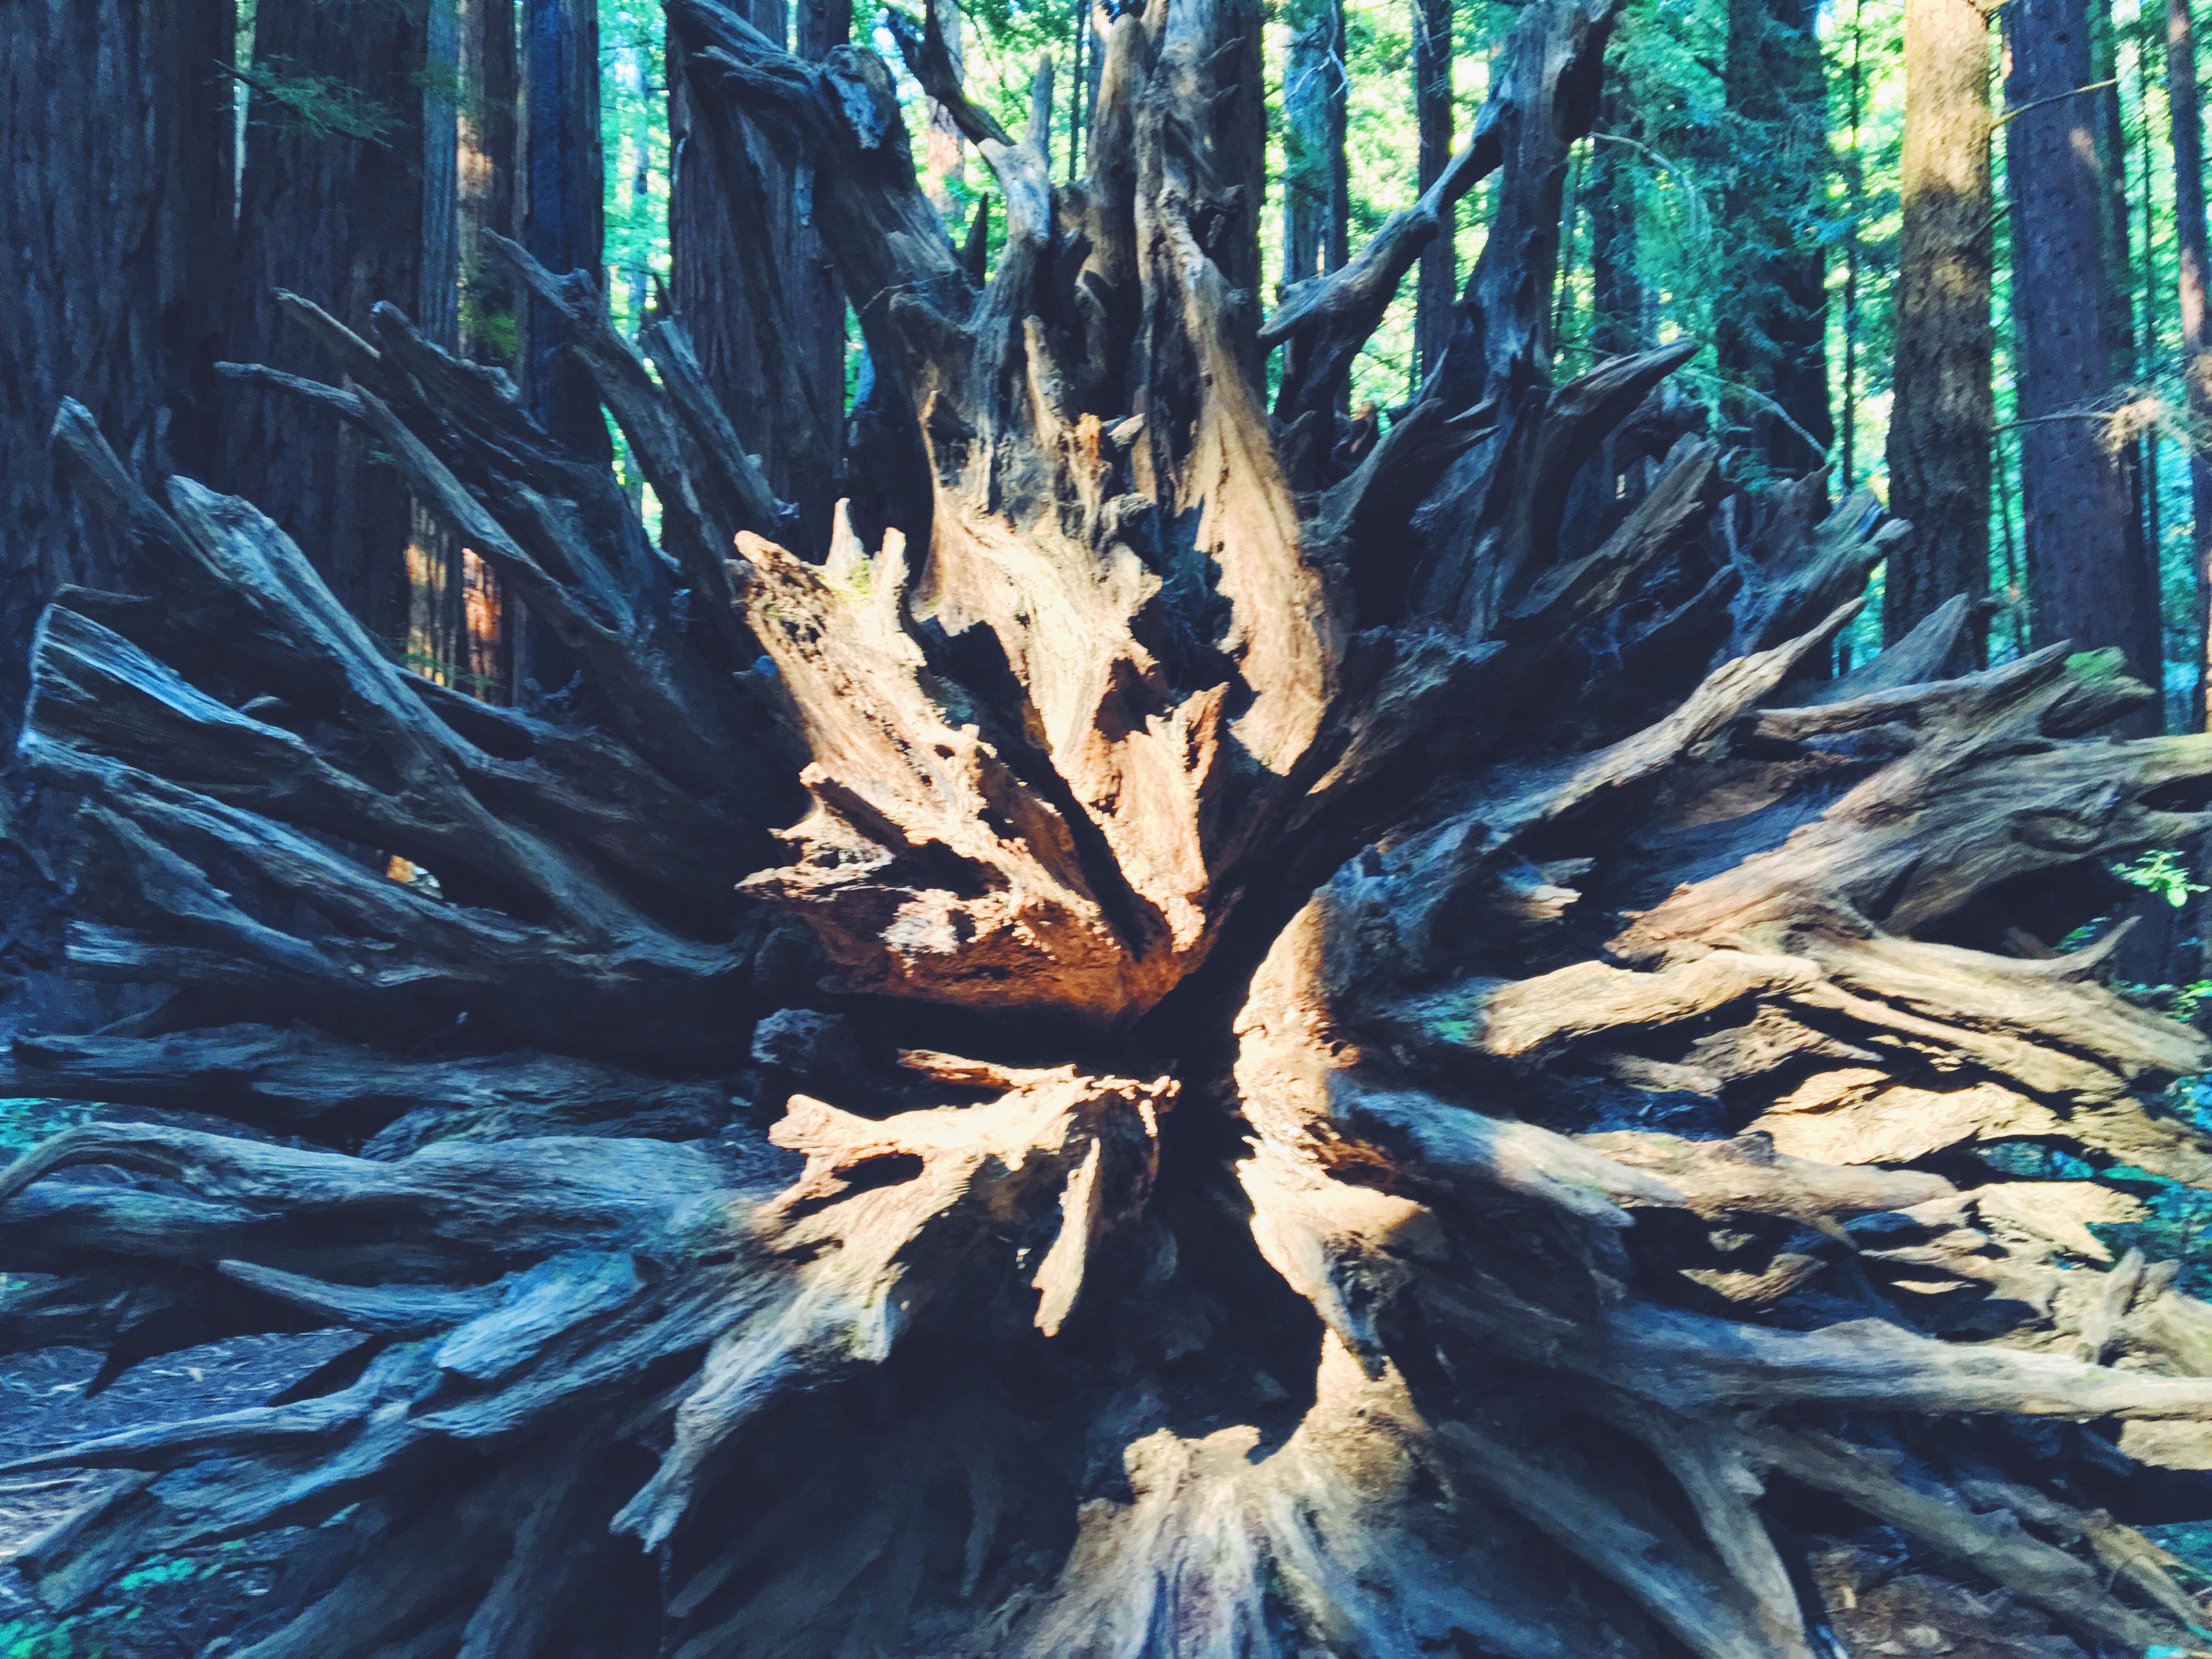 Foresta di sequoie del nord della California, l'Armstrong Redwoods Reserve